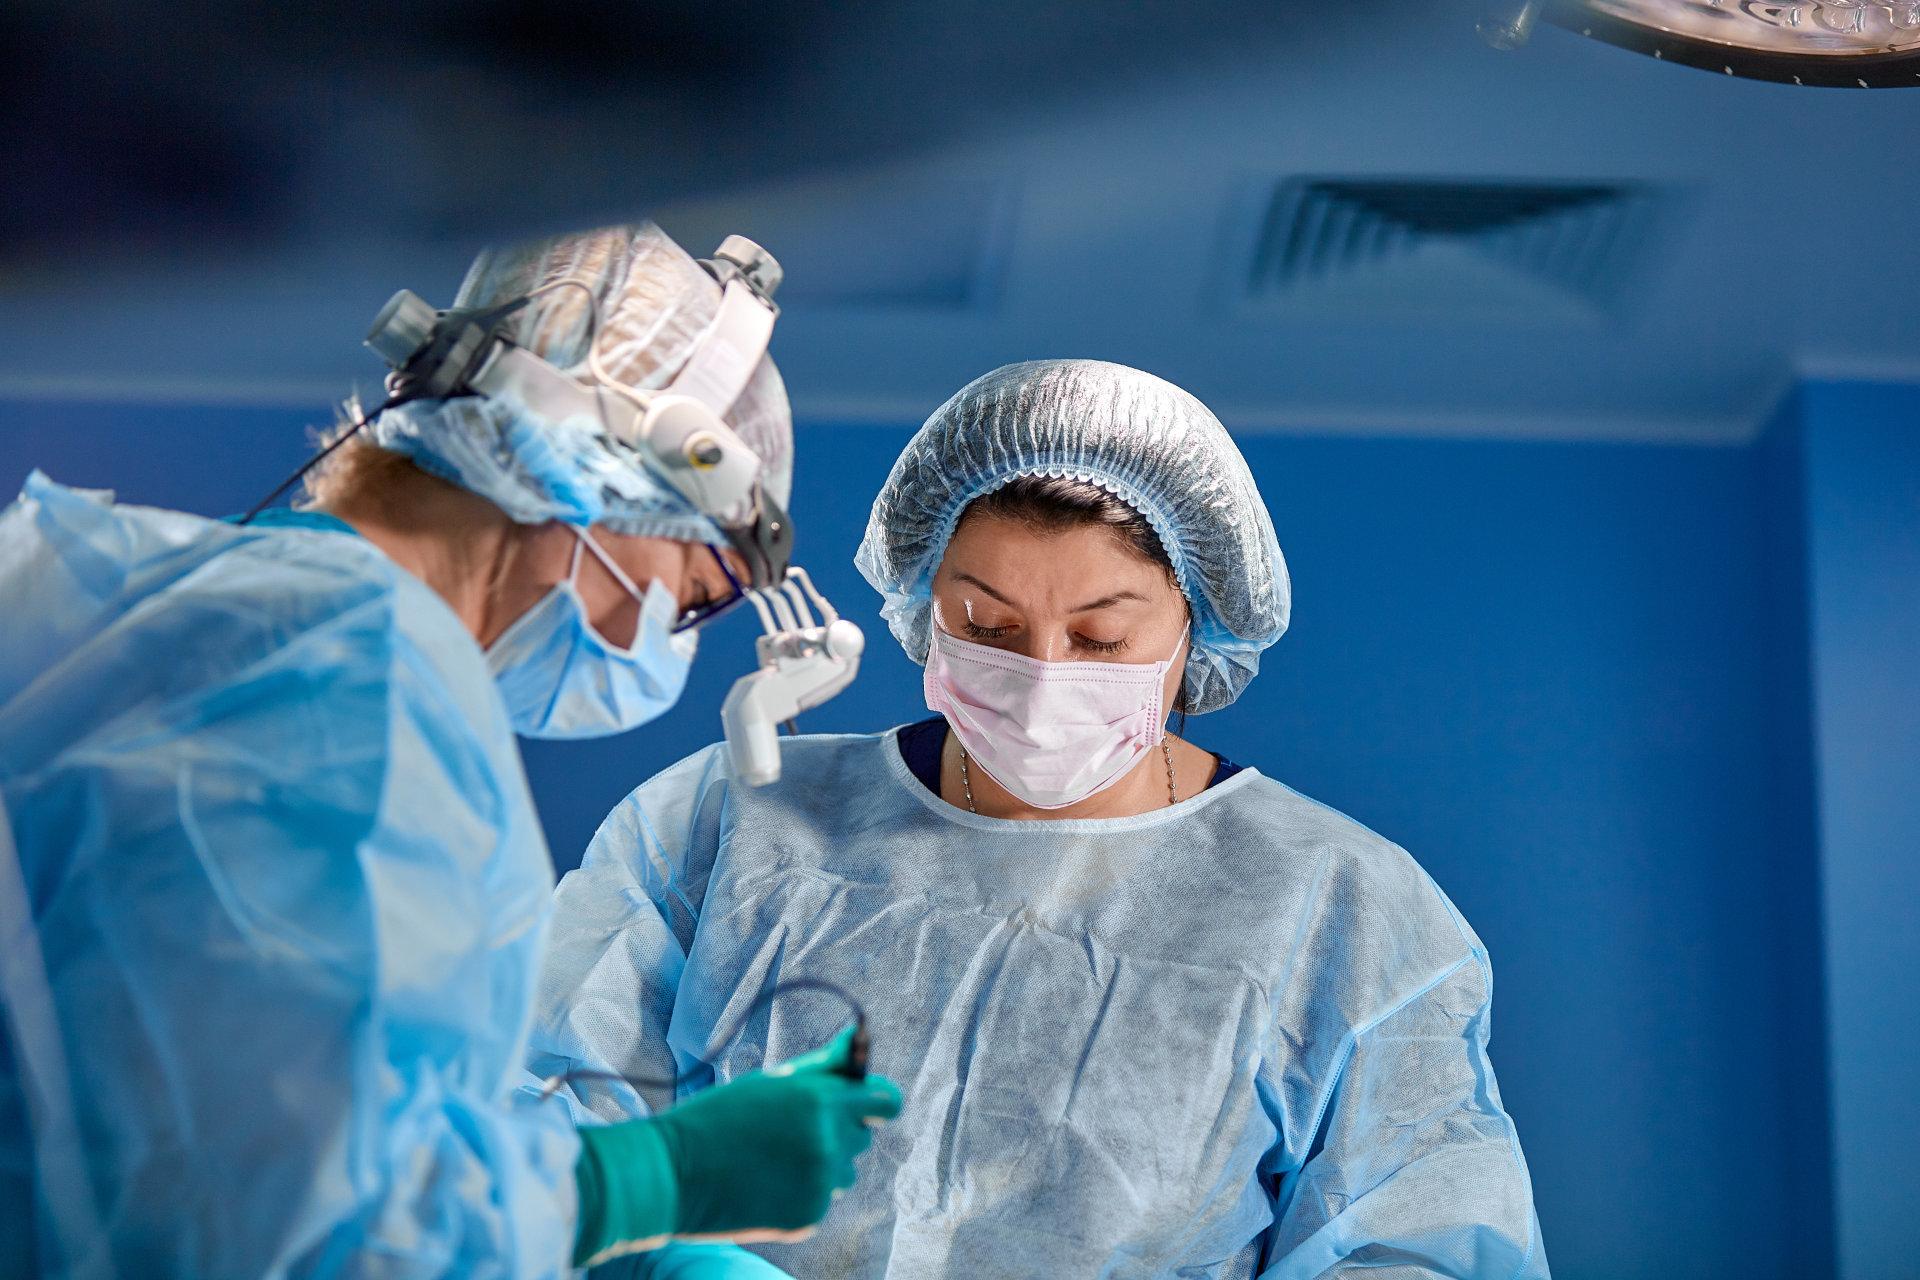 Sanecum policum gefaesschirurgie